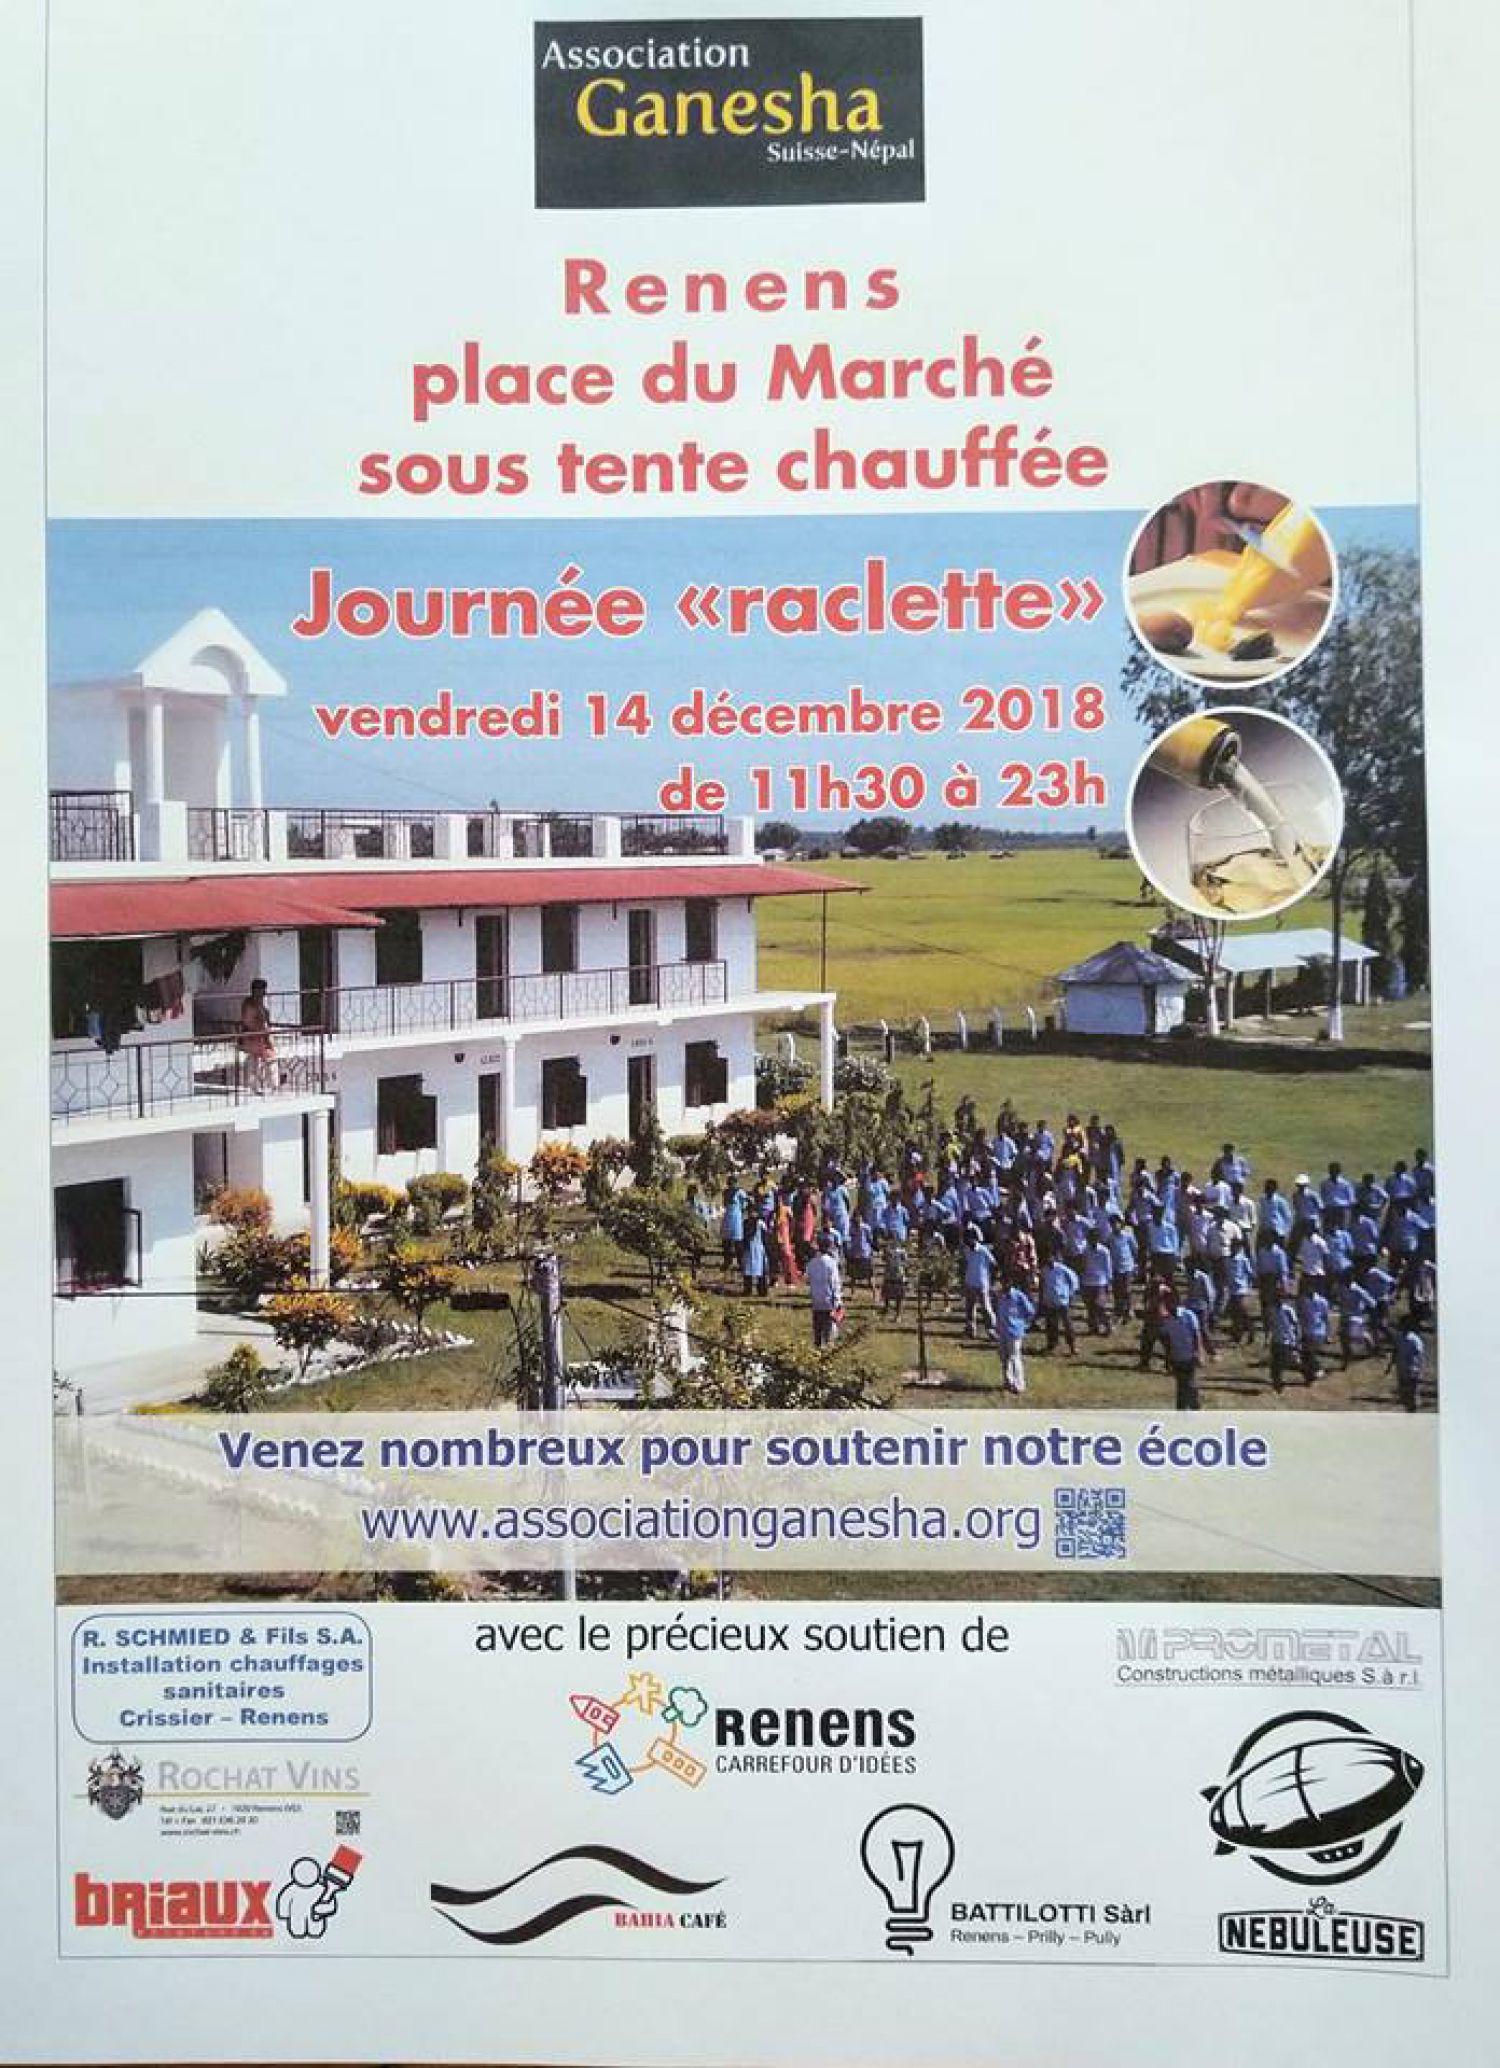 Raclette en faveur de l'école Ganesha au Népal